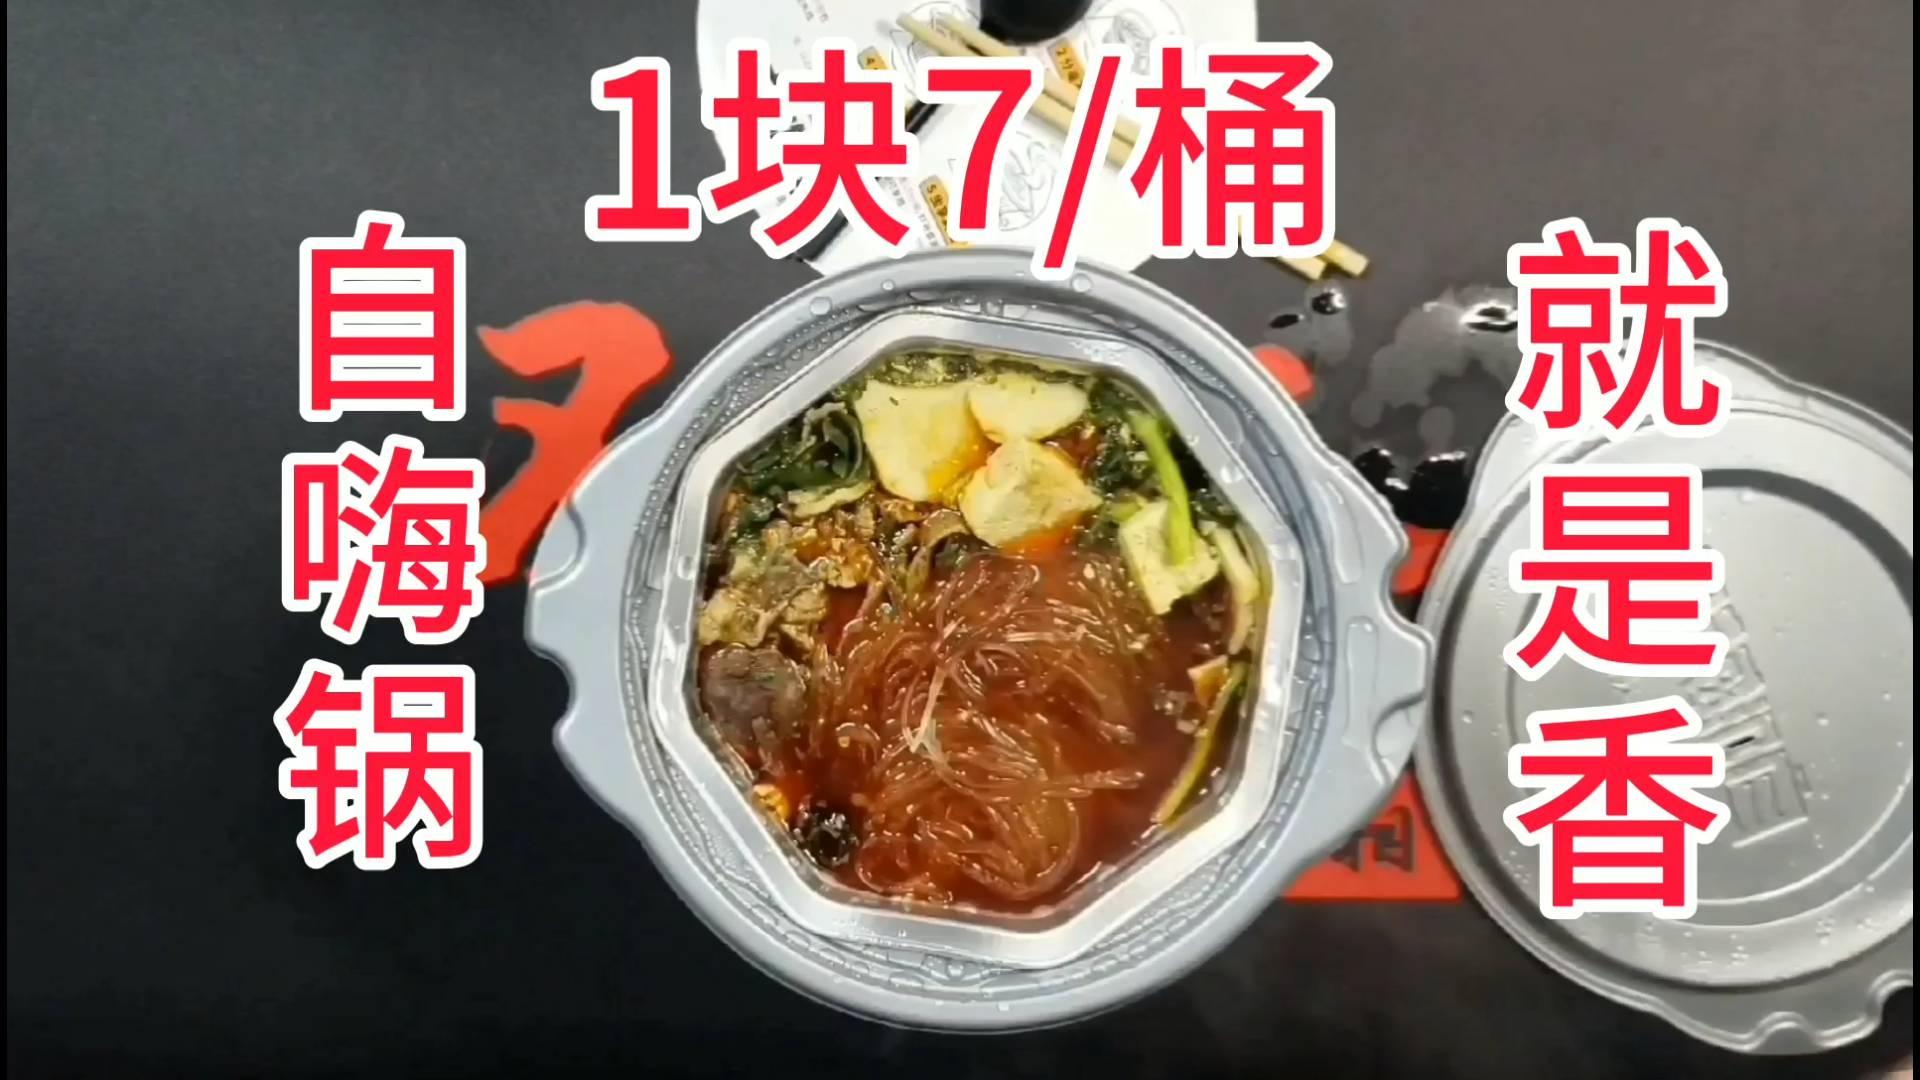 试吃1块6一桶自嗨锅,麻辣牛肉自热火锅,人到中年不得已,火锅底料泡枸杞。